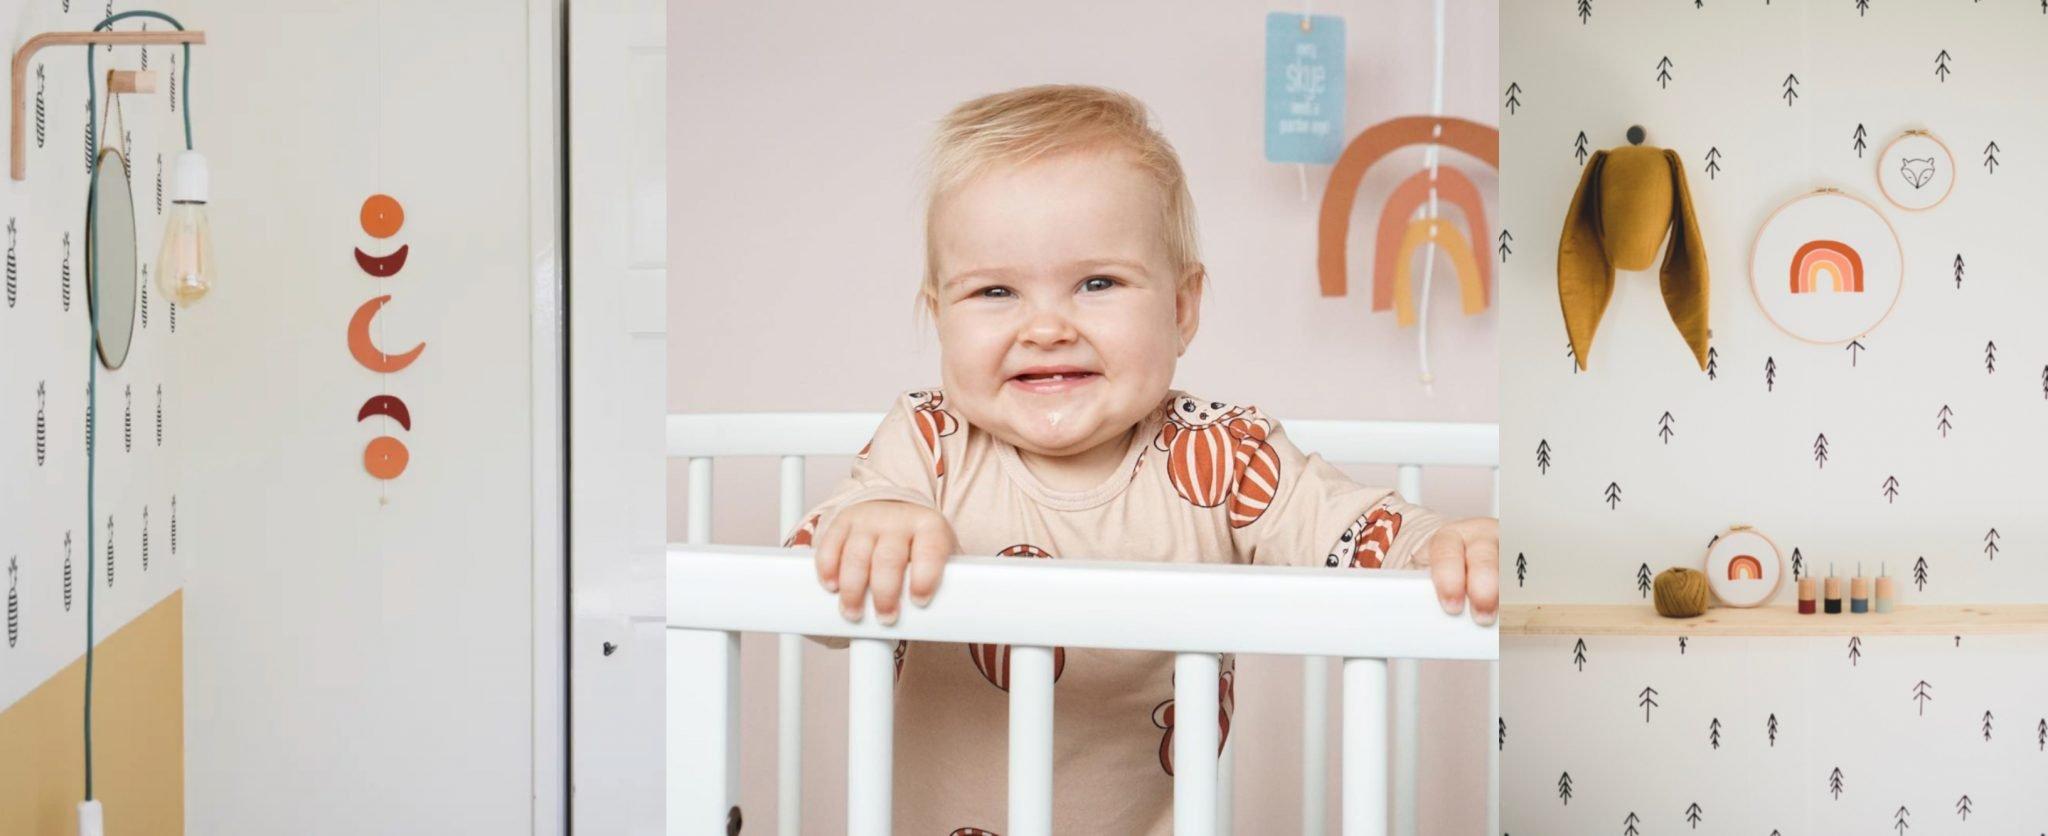 regenboog babykamer mobile studio iris van tricht